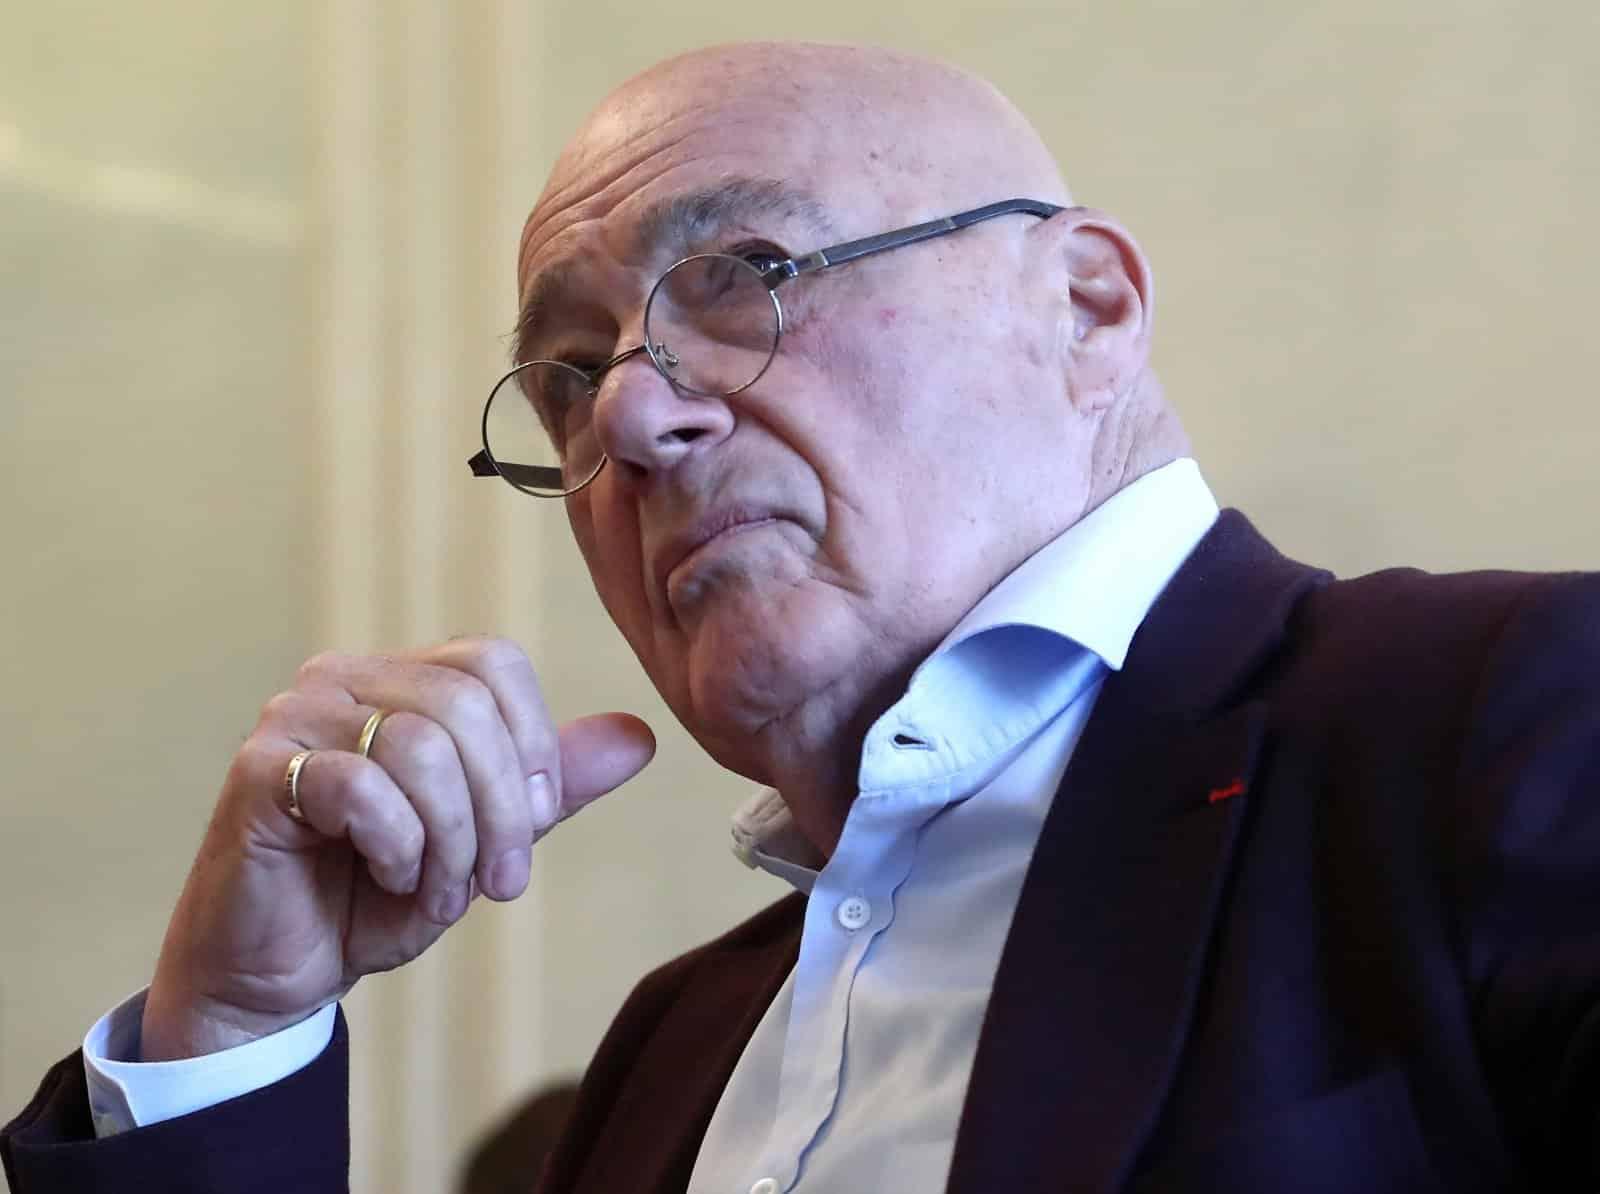 Познер рассказал про Россию после ухода Путина: важнейшие события в ближайшие годы